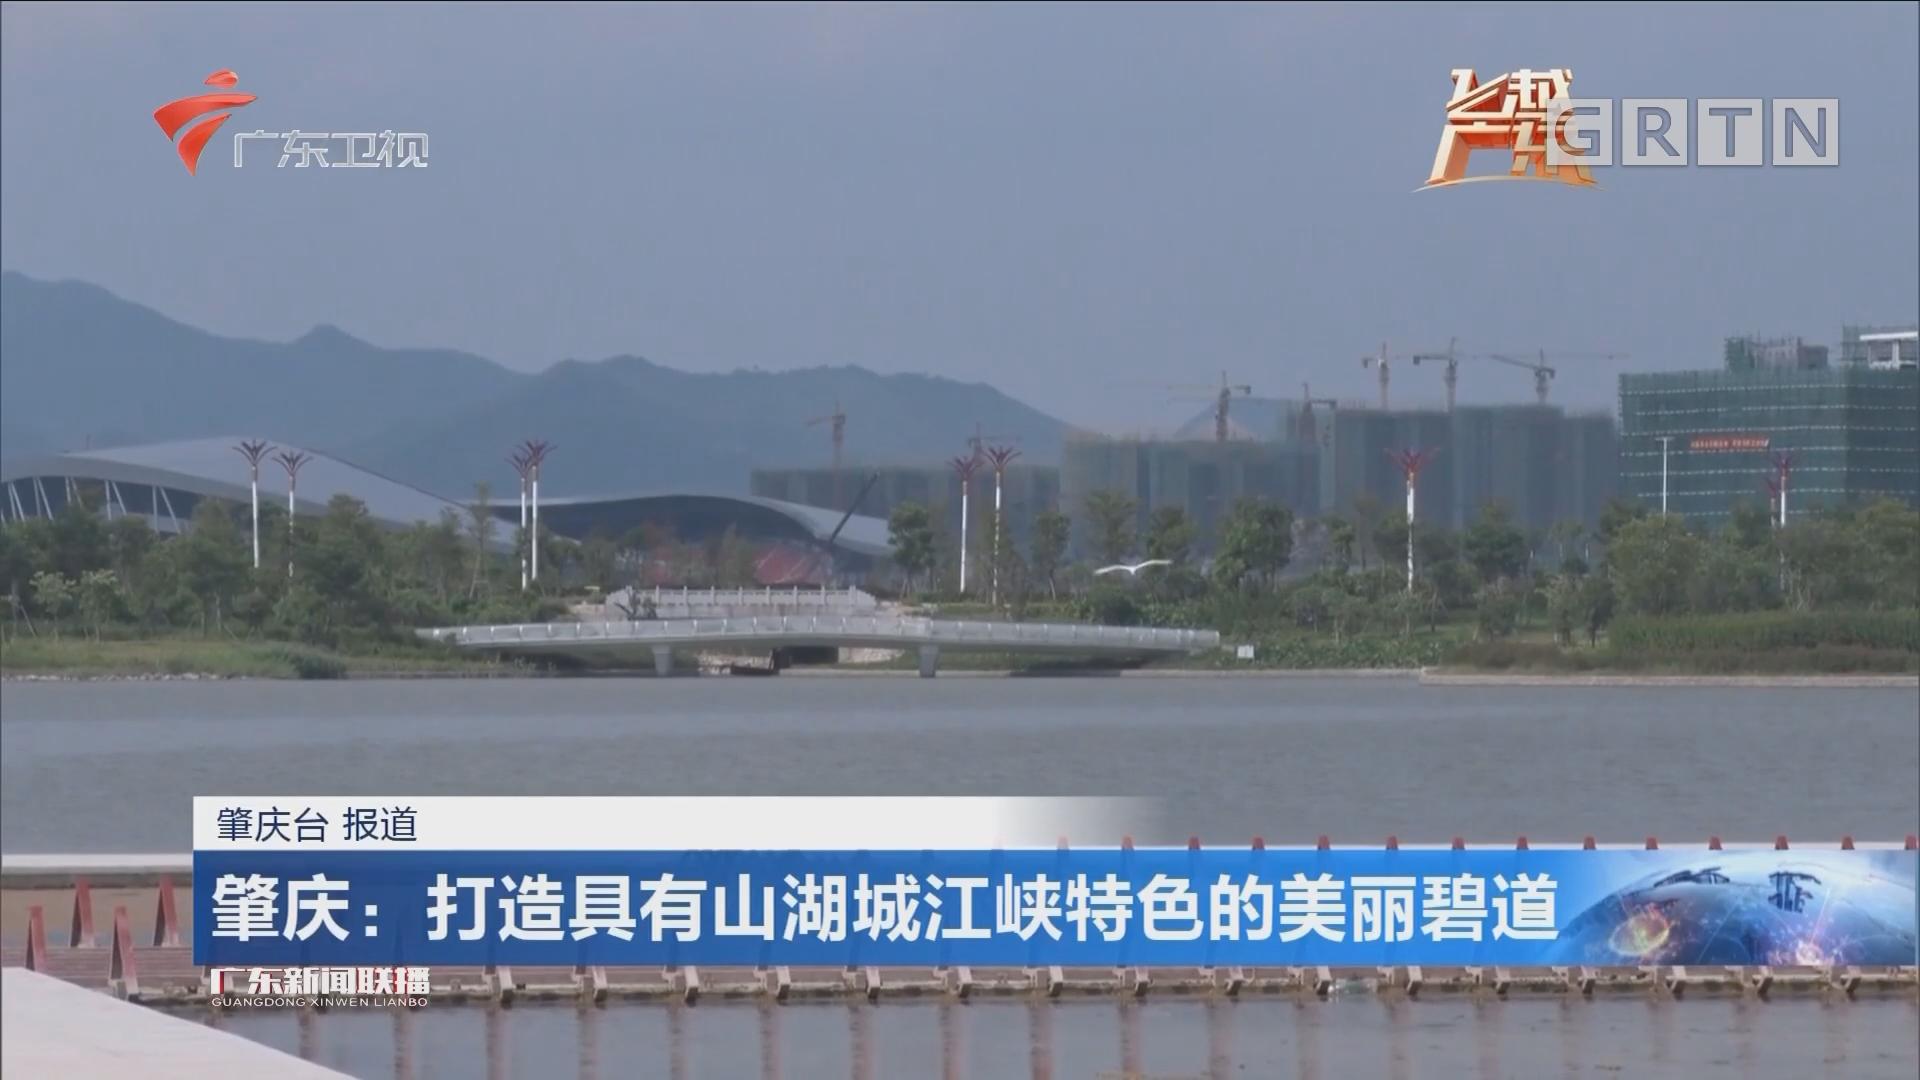 肇庆:打造具有山湖城江峡特色的美丽碧道